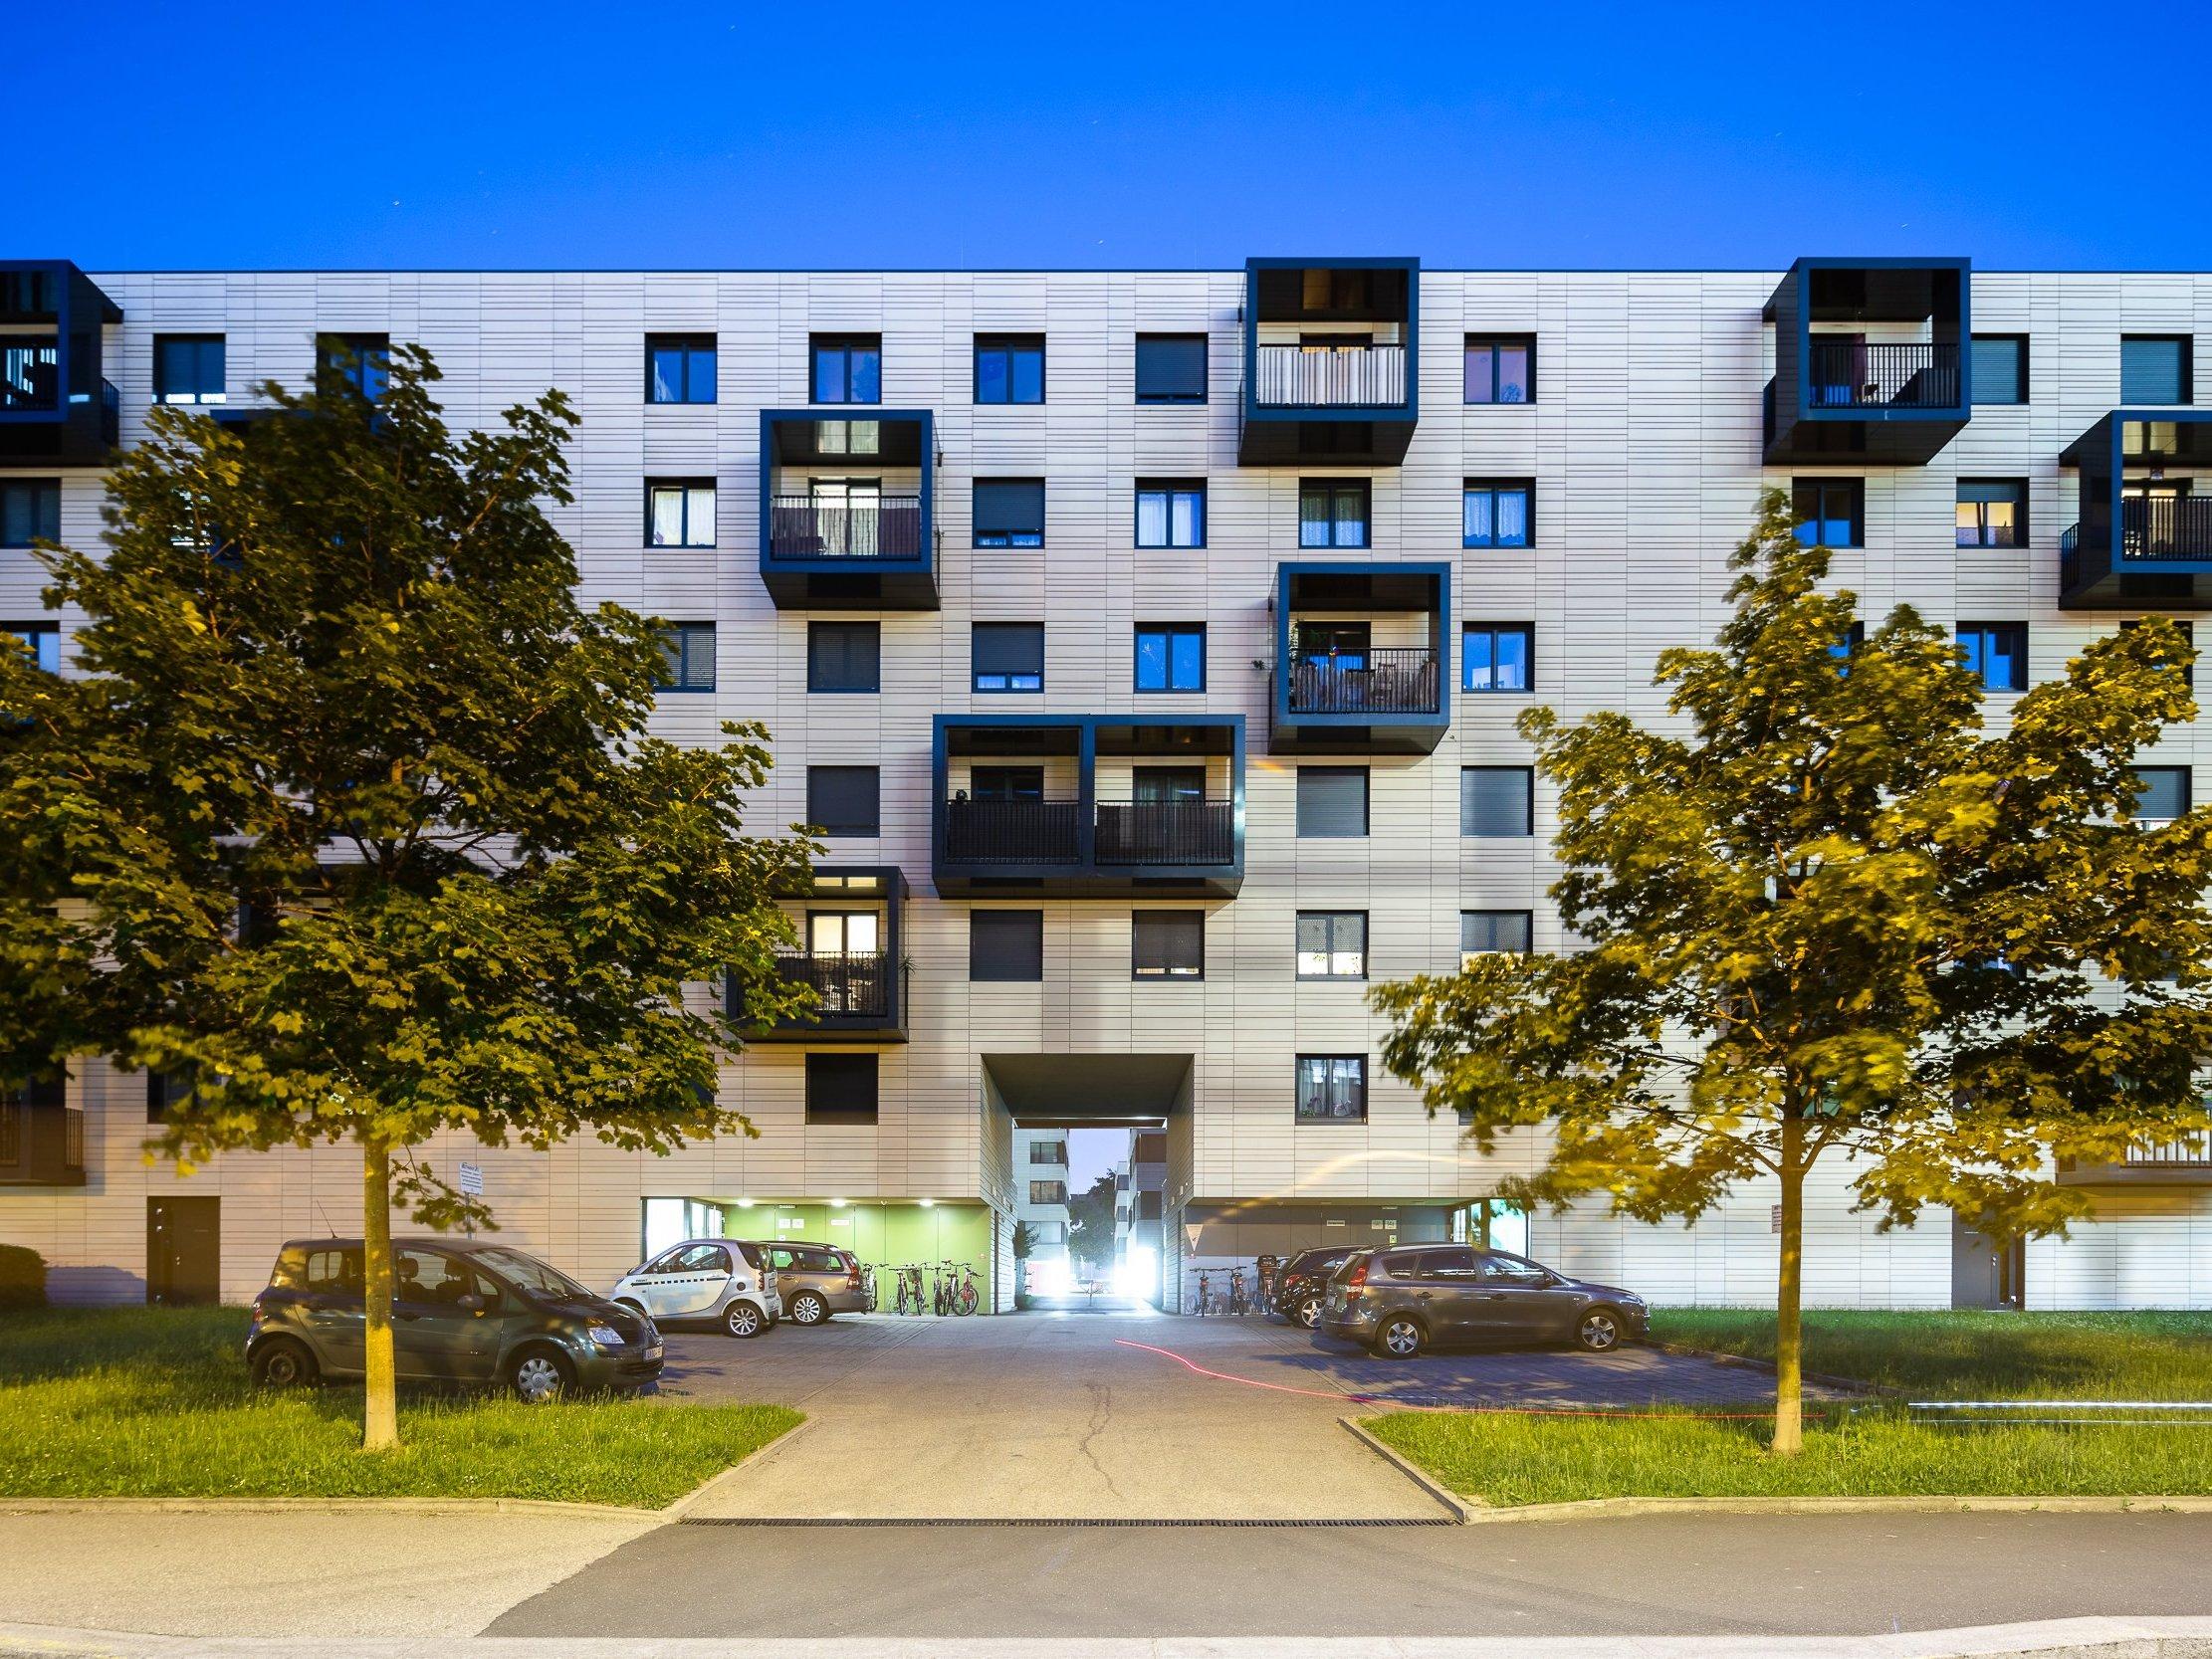 Donaupark   Linz  drexel architekten